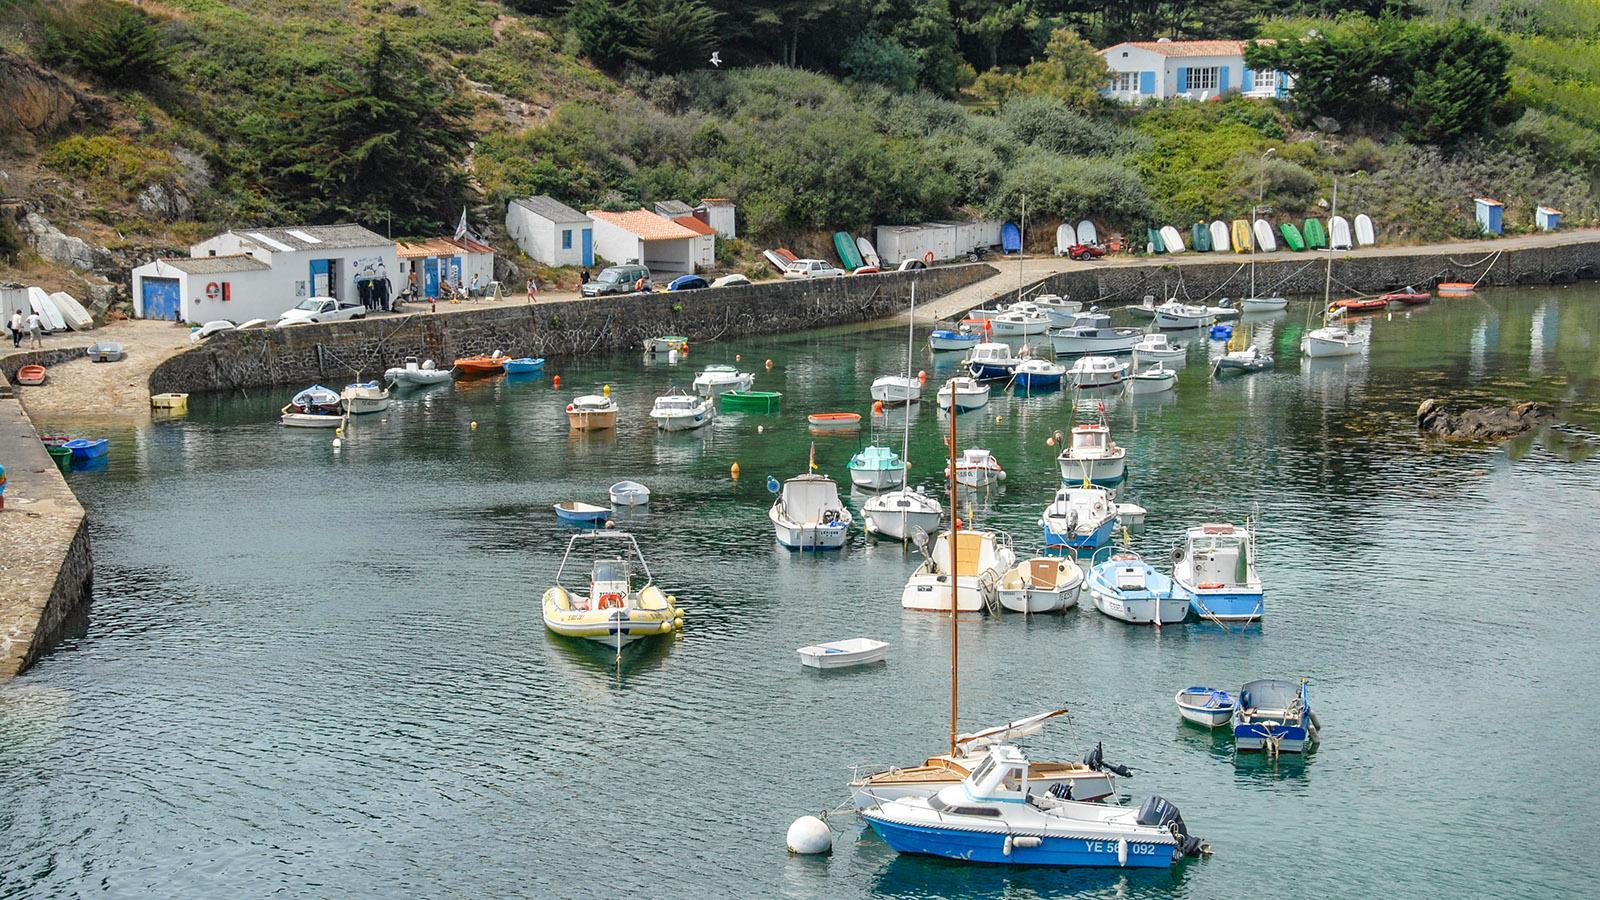 Île d'Yeu: Port de la Meule. Foto: Hilke Maunder